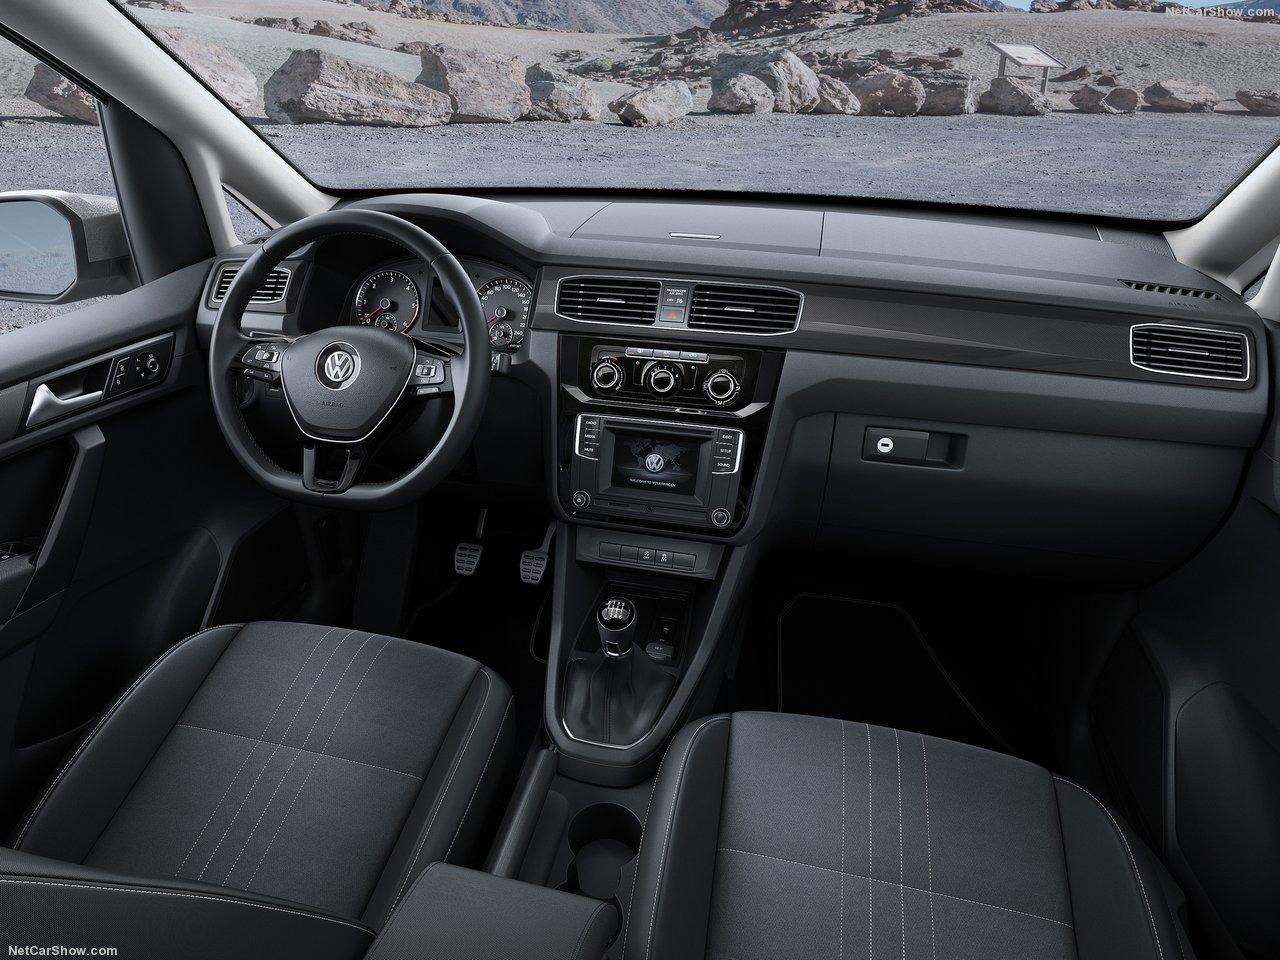 Volkswagen-Caddy_Alltrack_2016_1280x960_wallpaper_09